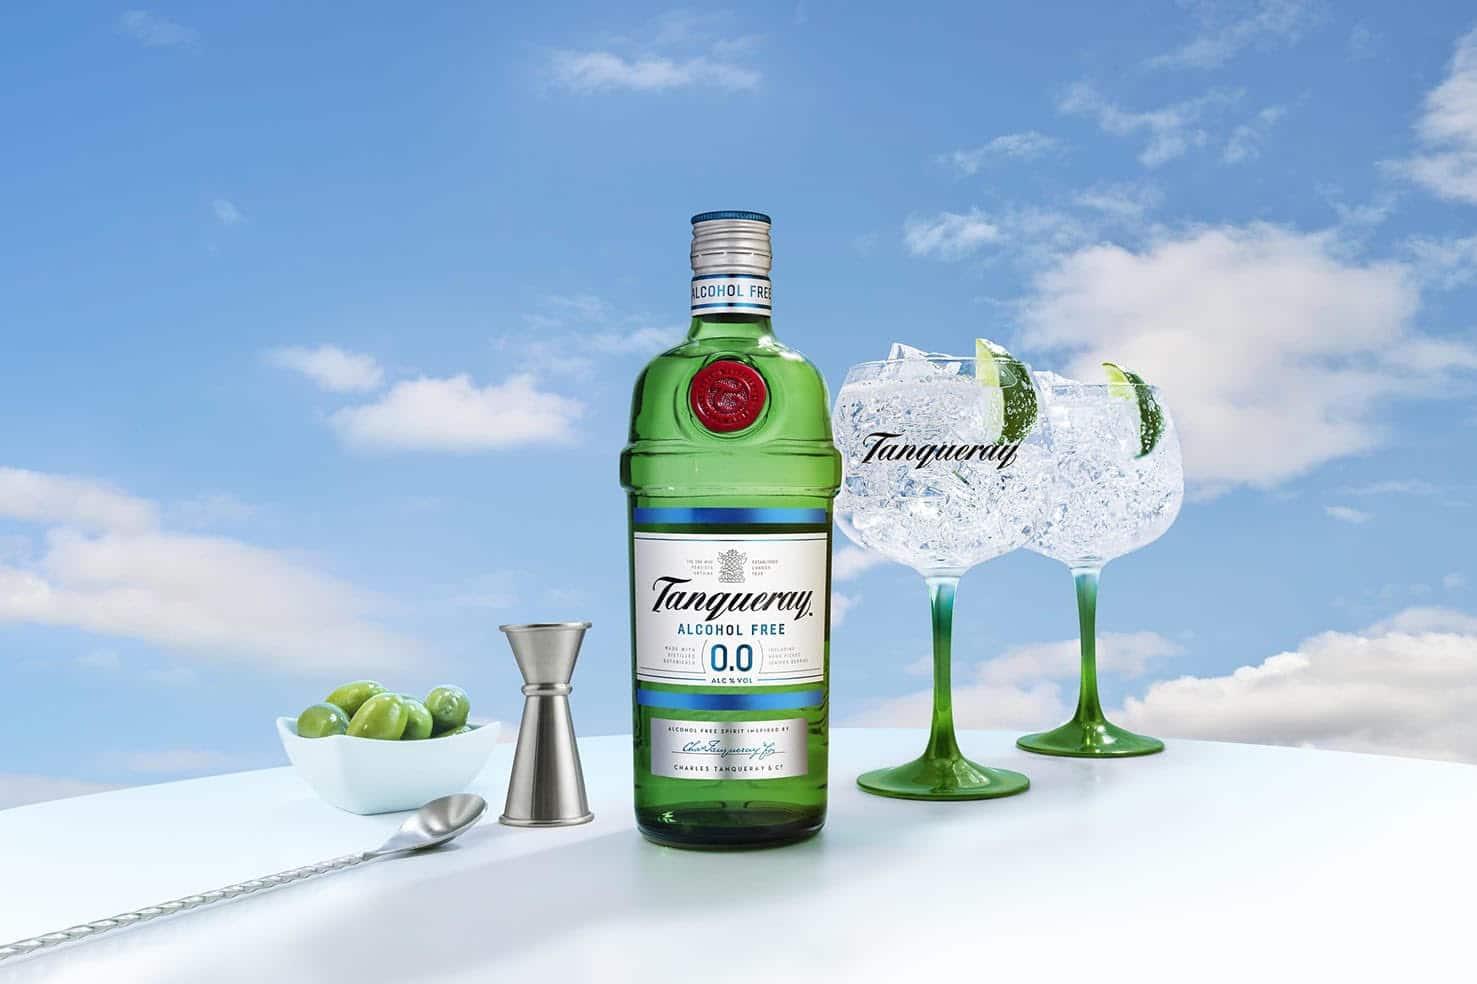 El éxito de Tanqueray 0.0, la ginebra sin alcohol que triunfa en bares y hogares